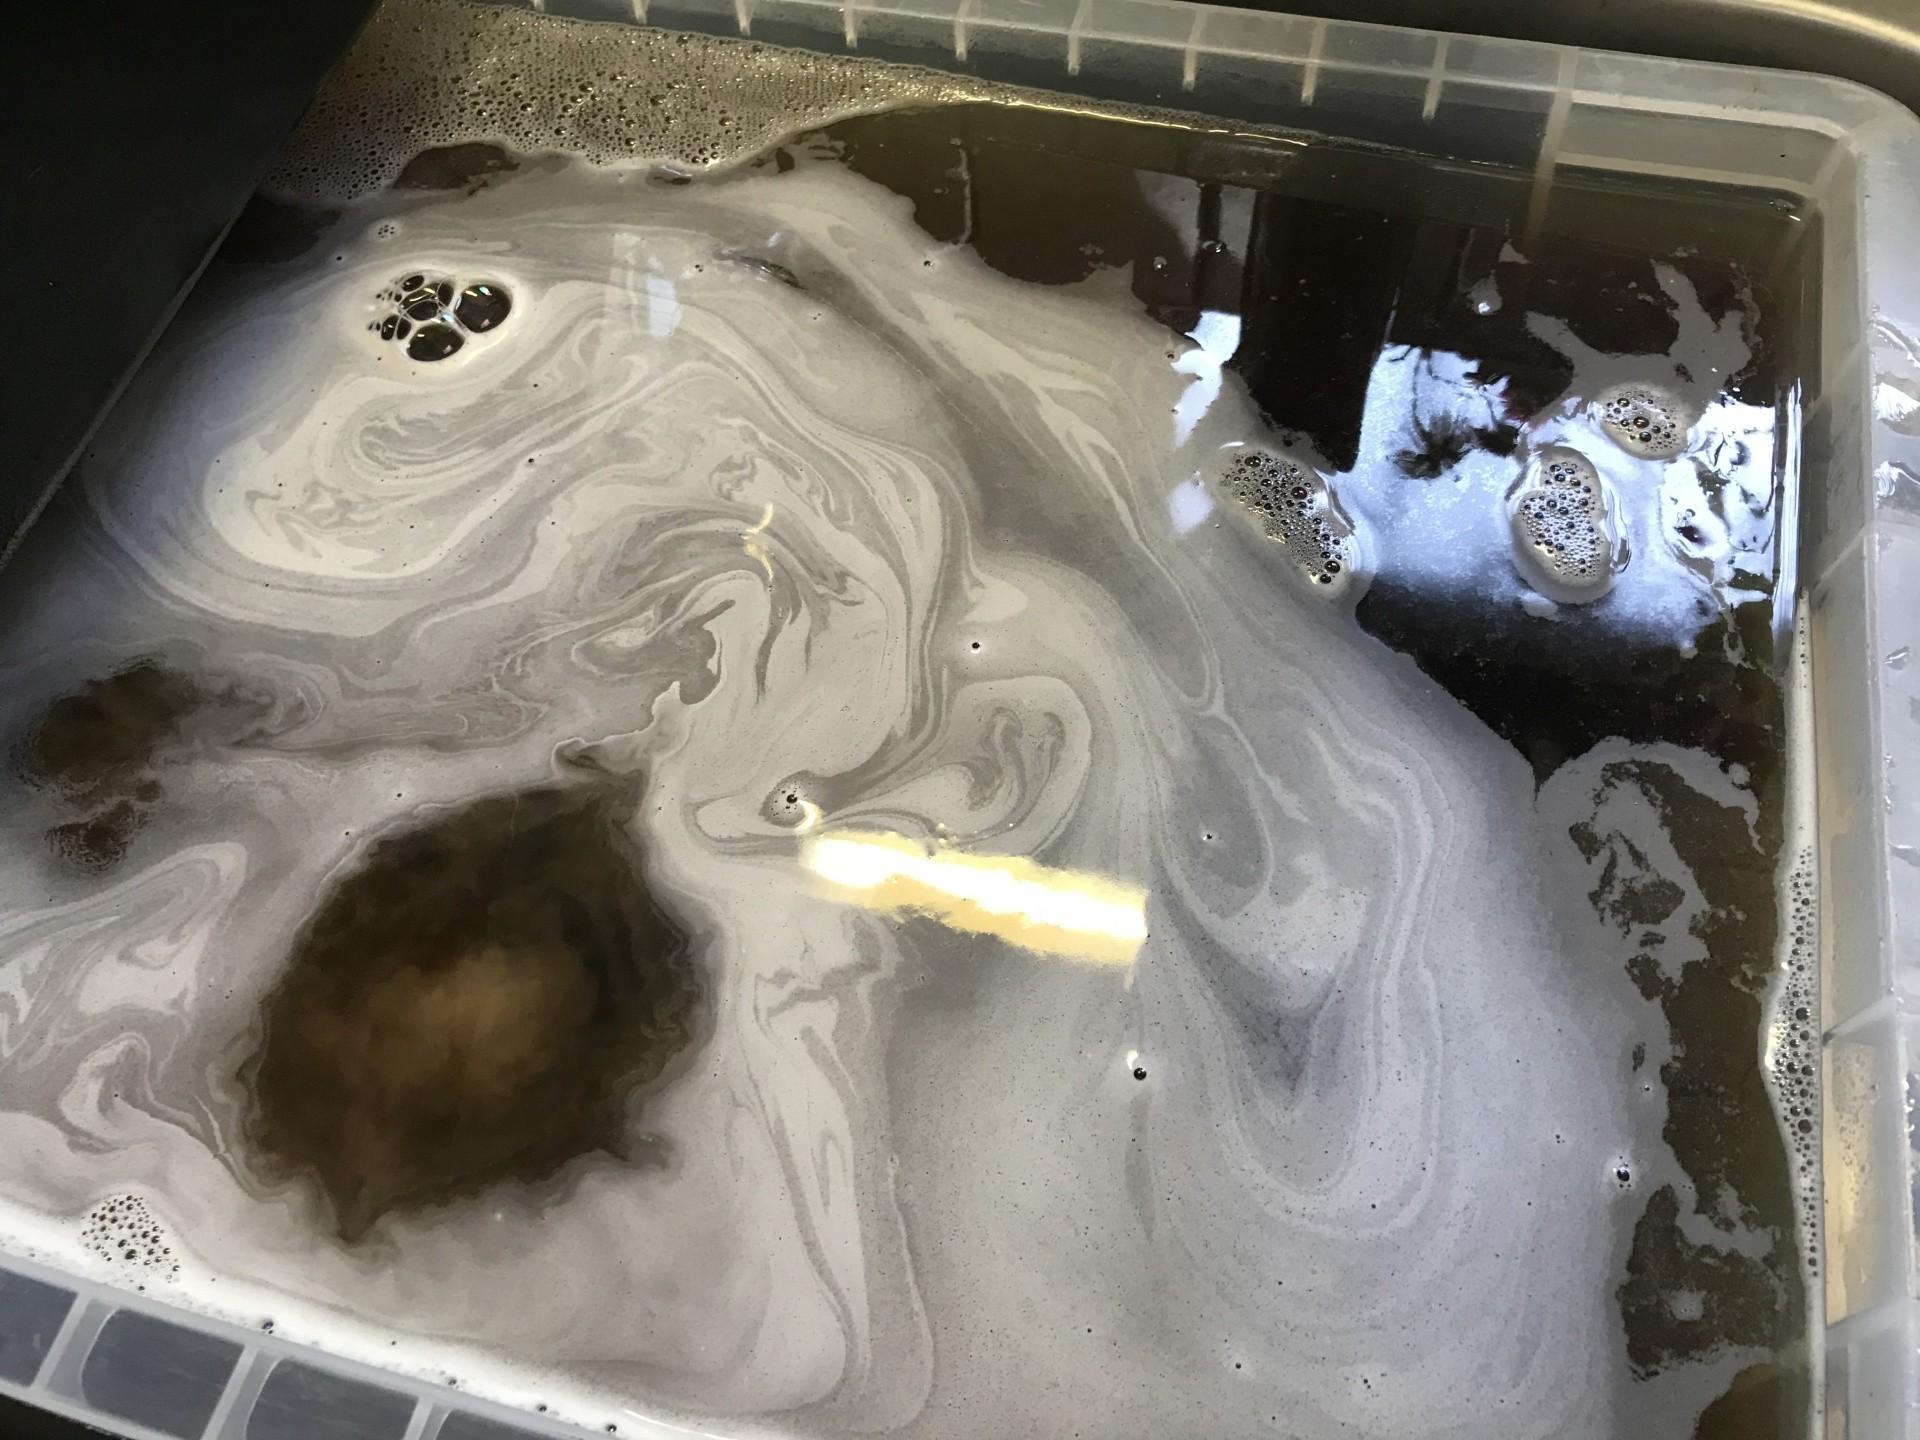 このように大き目の容器に薬剤を溶かしたお湯を溜め、各部位をつけ置きしていきます